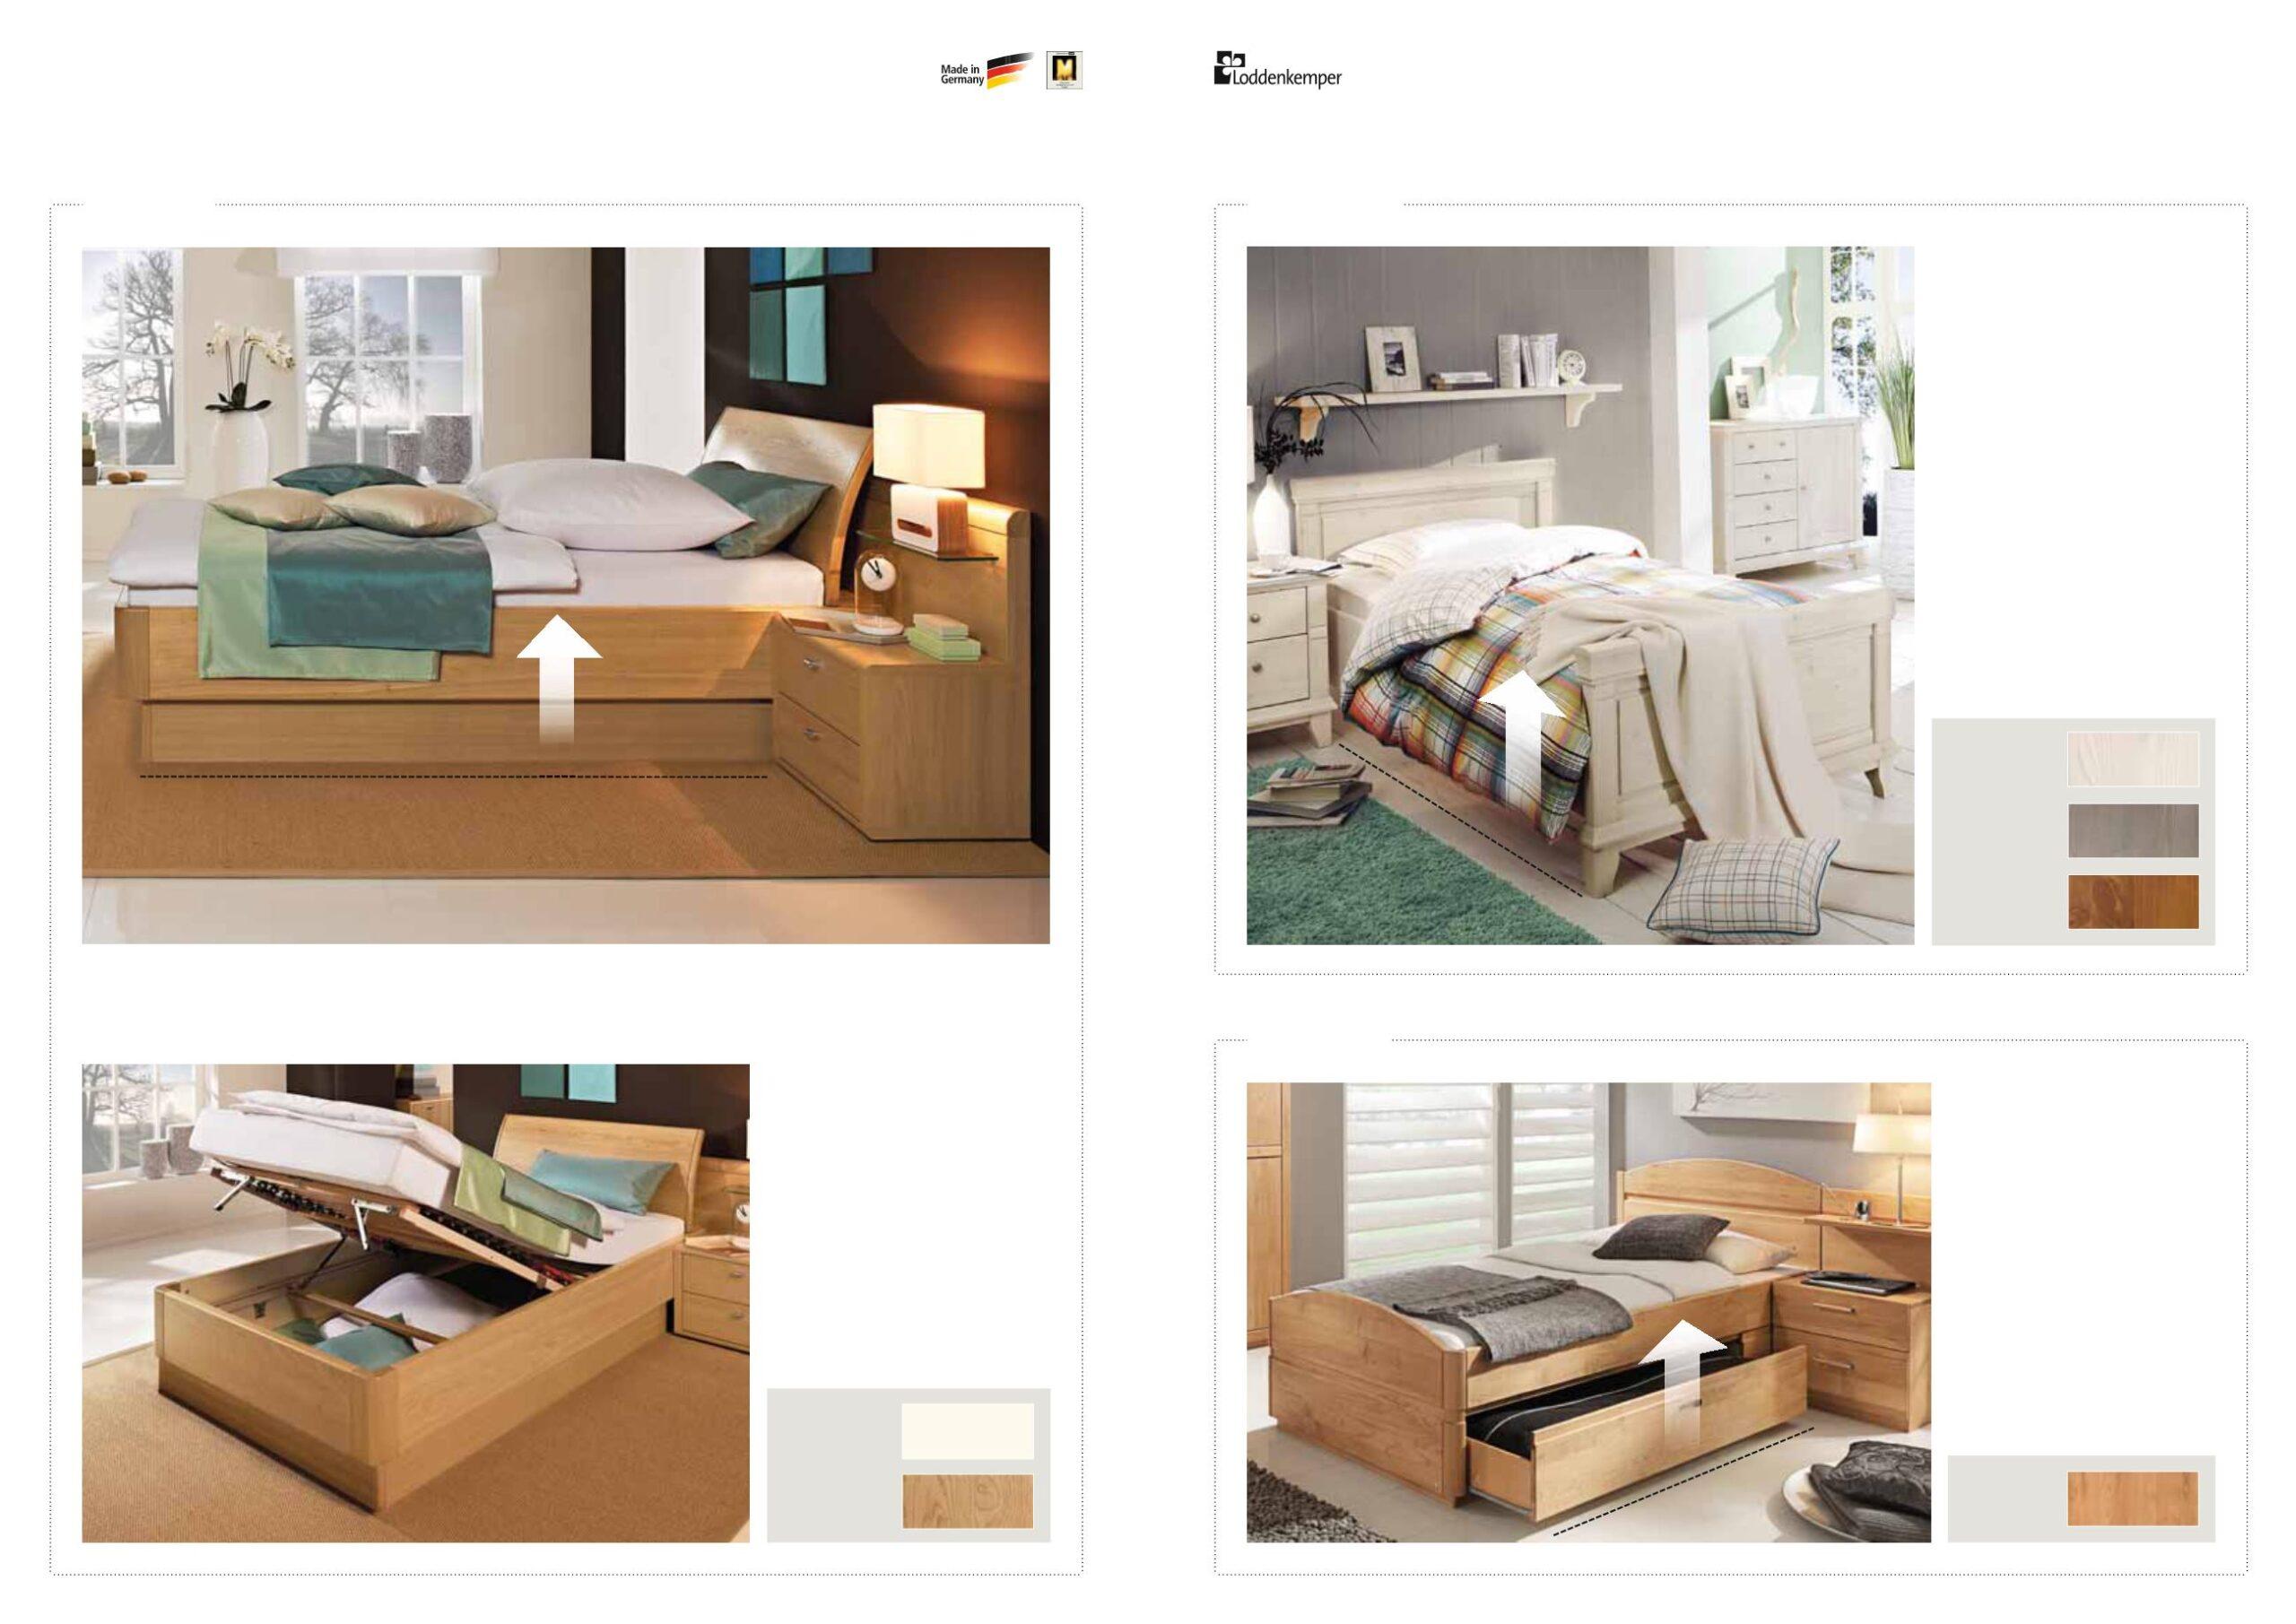 Full Size of Loddenkemper Navaro Kommode Schlafzimmer Schrank Bett Lmie Katalog Deutsch Wohnzimmer Loddenkemper Navaro